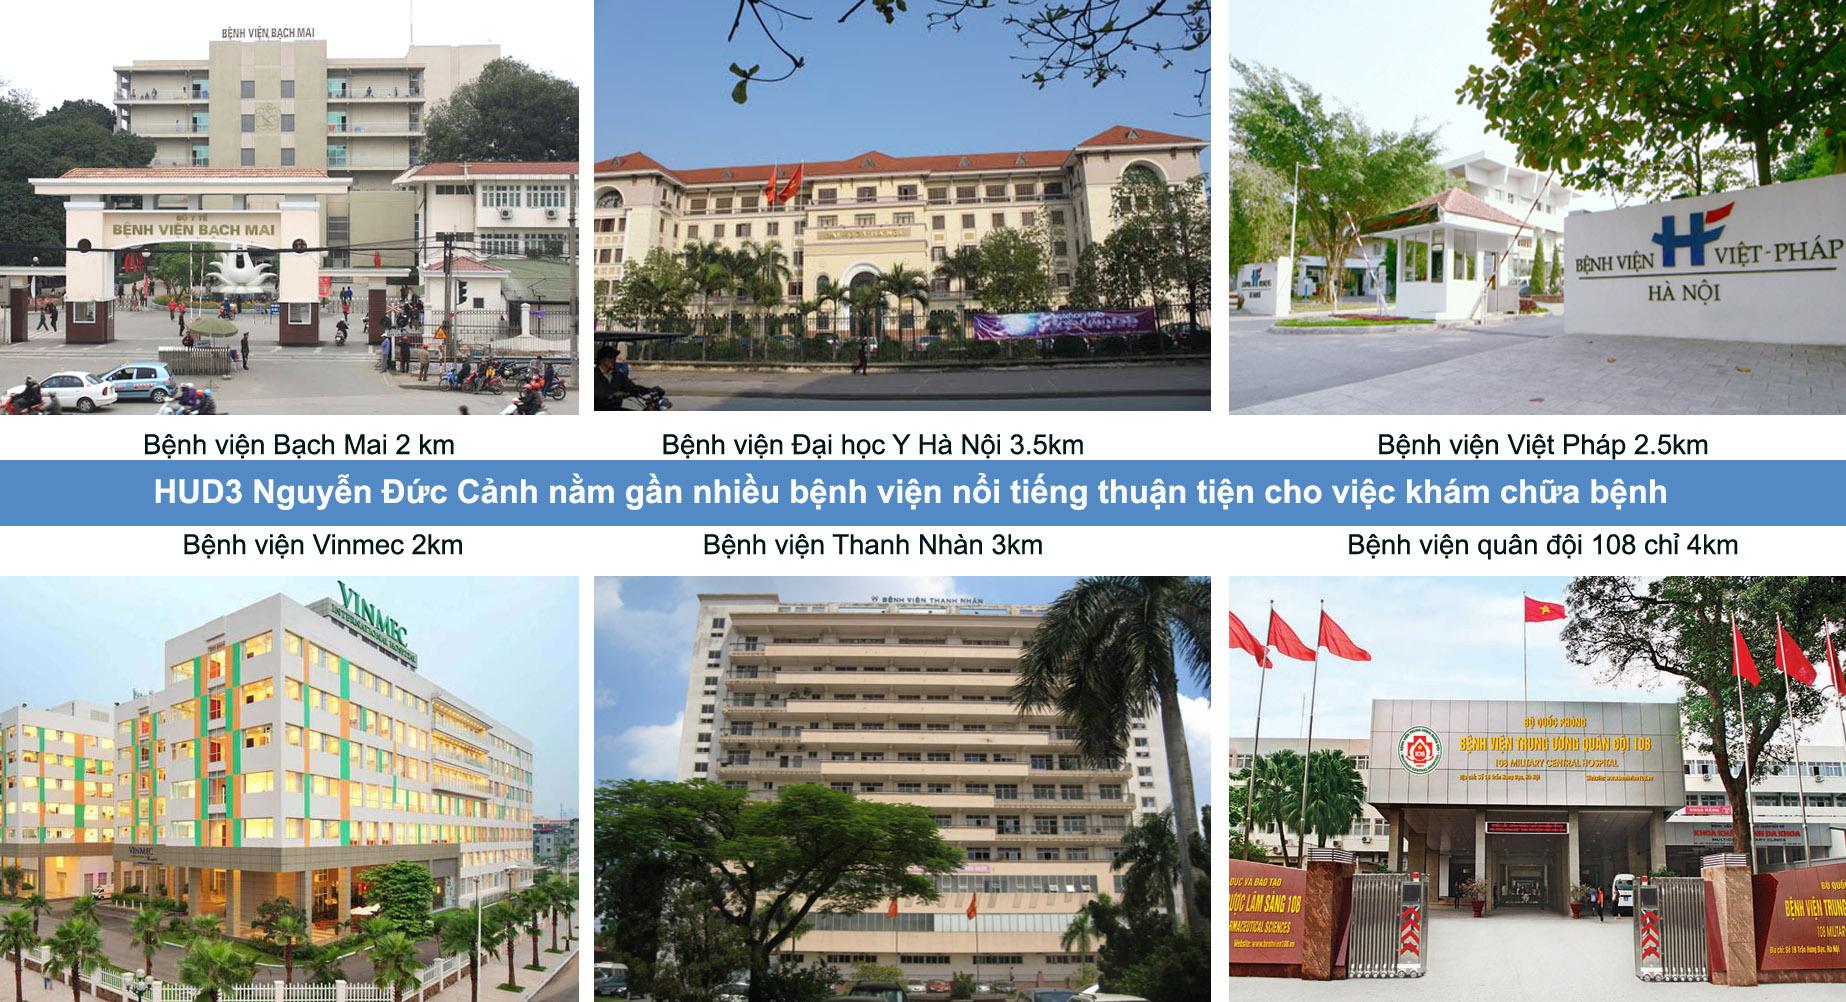 Bệnh viện gần HUD3 Nguyễn Đức Cảnh